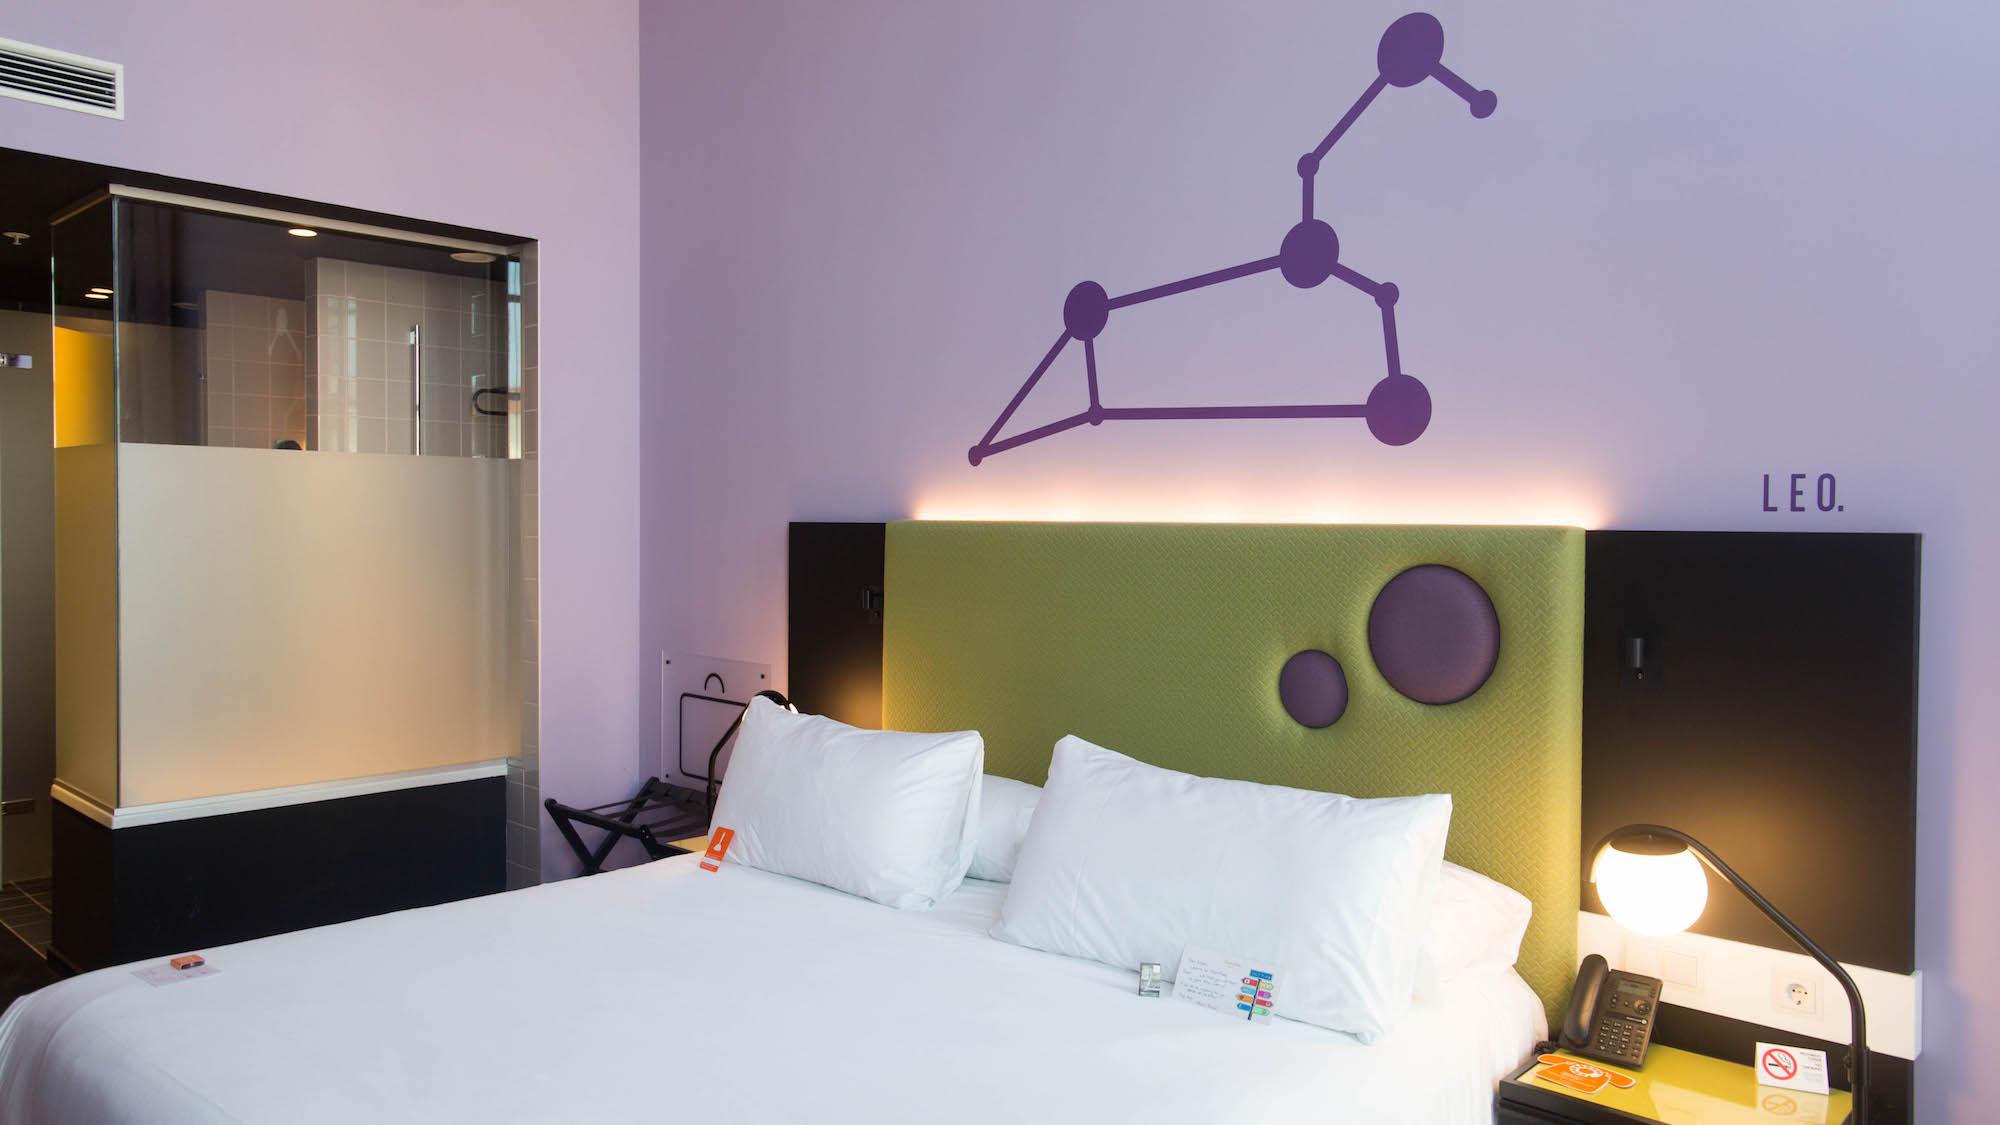 Room Mate Bruno Rotterdam